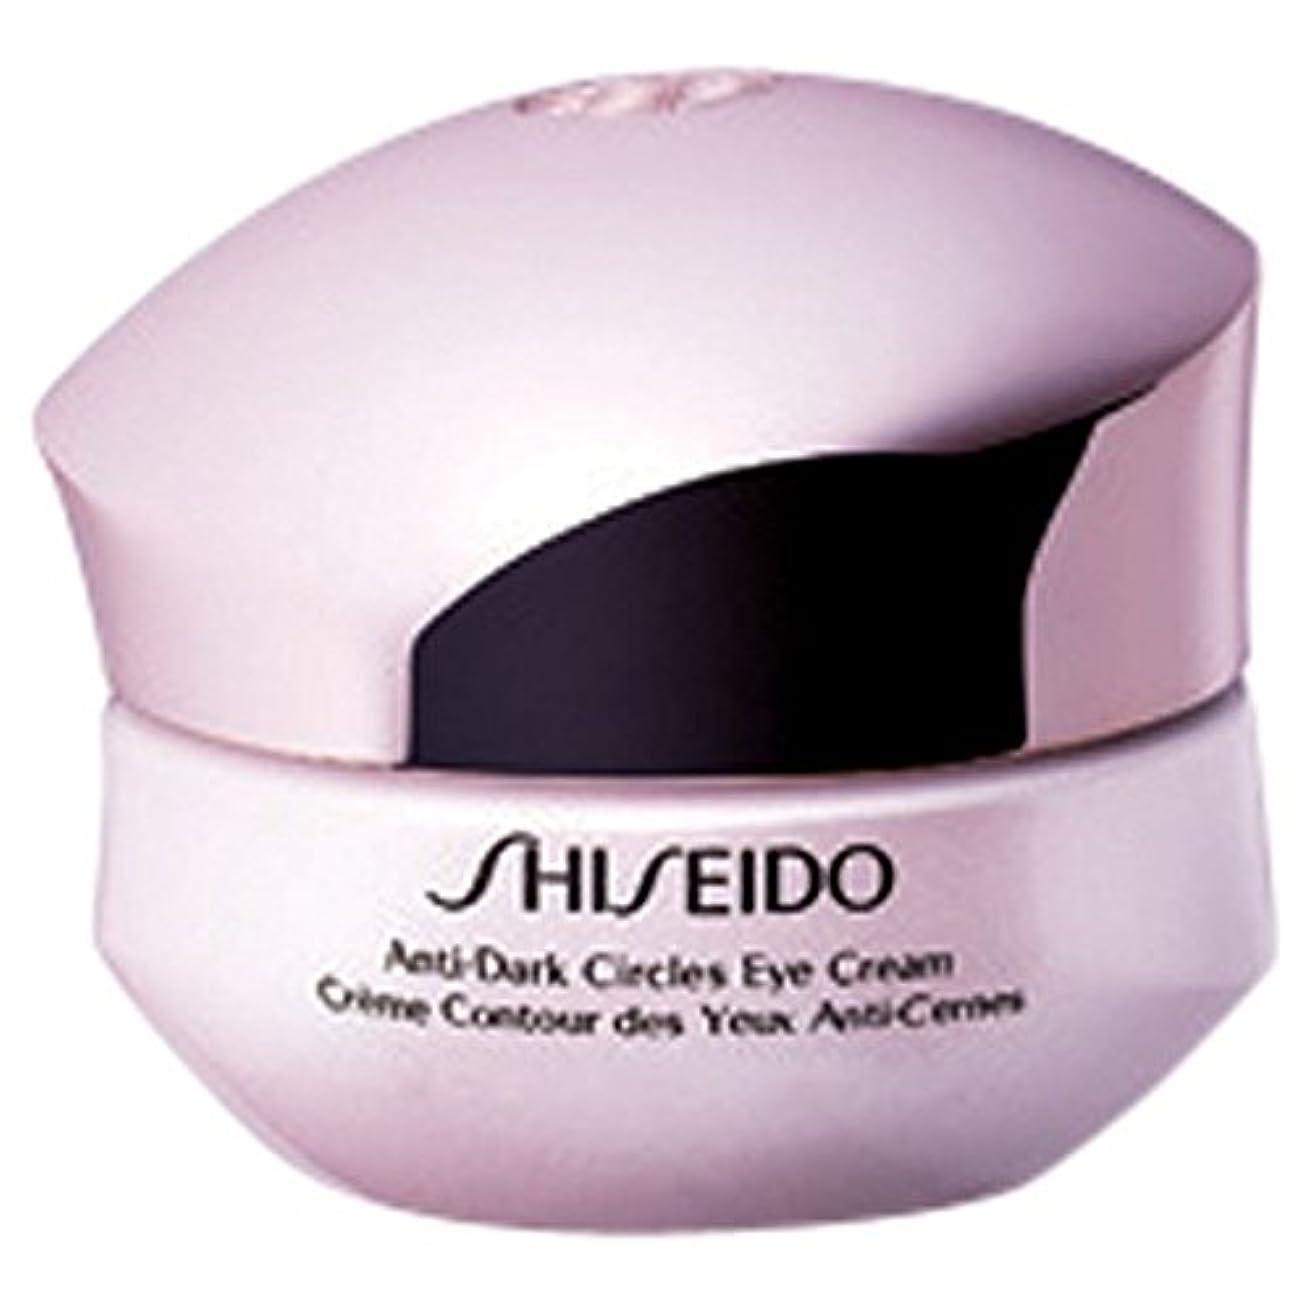 浪費望むアーティファクト[Shiseido] 資生堂アンチダークサークルアイクリーム15Ml - Shiseido Anti-Dark Circle Eye Cream 15ml [並行輸入品]